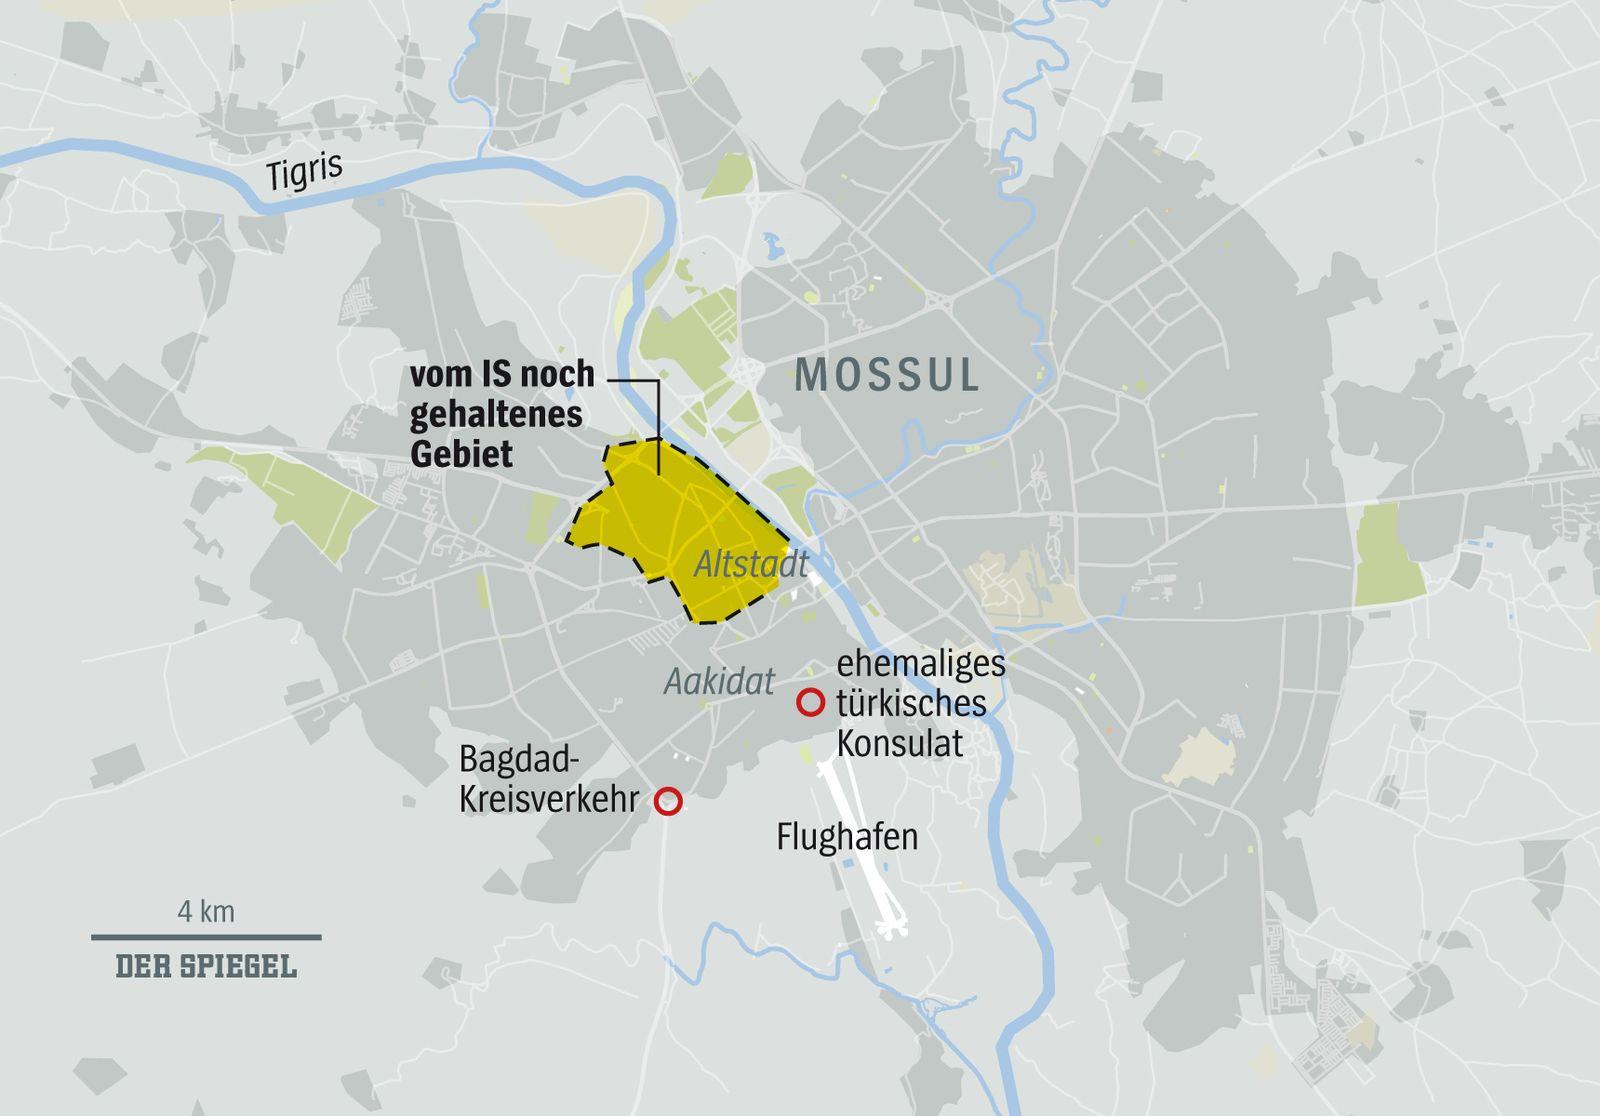 EINMALIGE VERWENDUNG NUR FÜR SPIEGEL Plus SPIEGEL 22/2017 Mossul Irak IS Karte